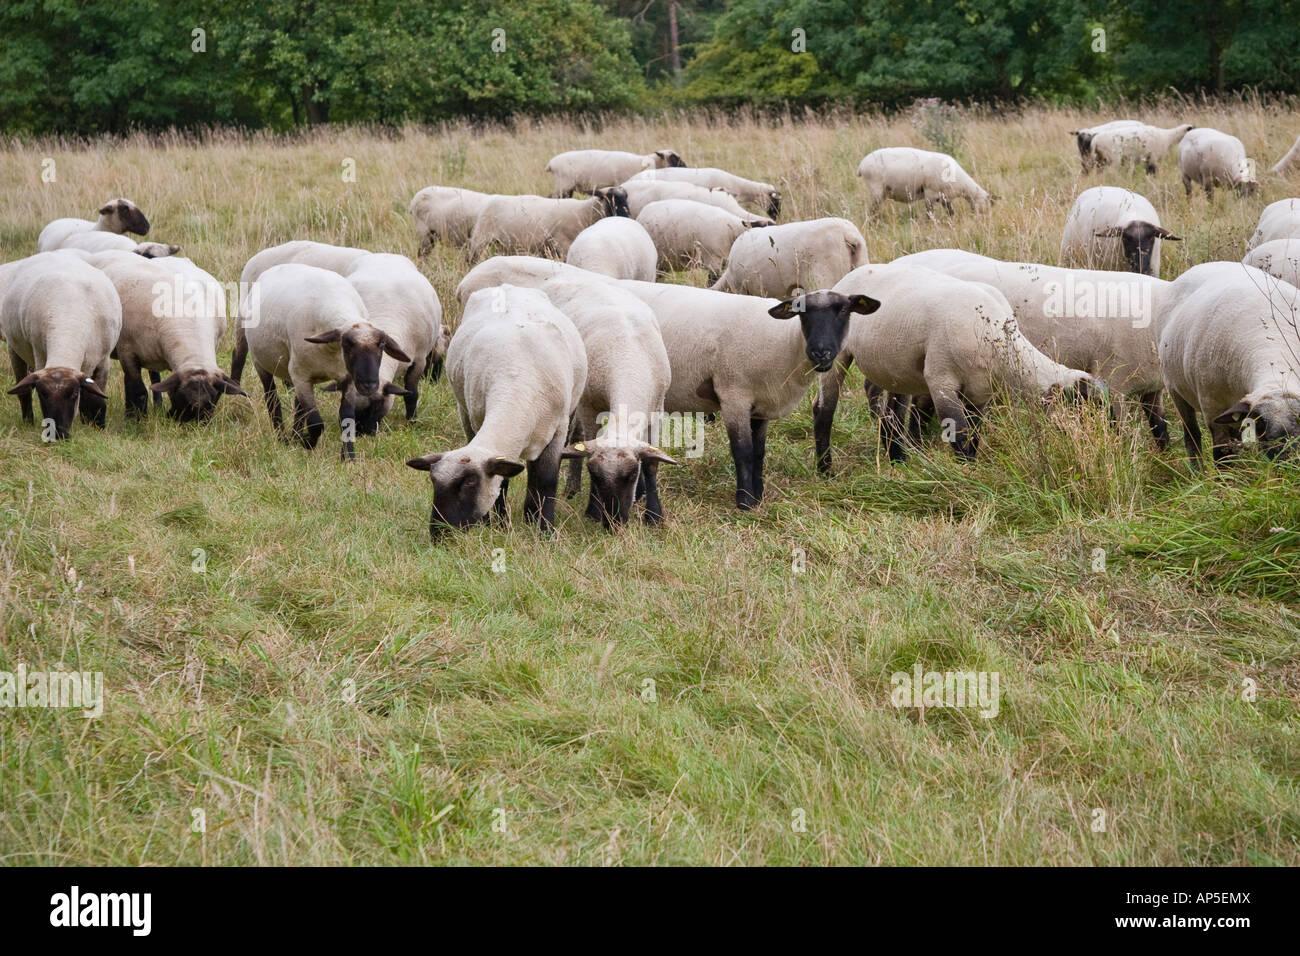 Troupeau de moutons mouton à tête noire allemande dans un vert Pâturage La viande et la laine de Photo Stock